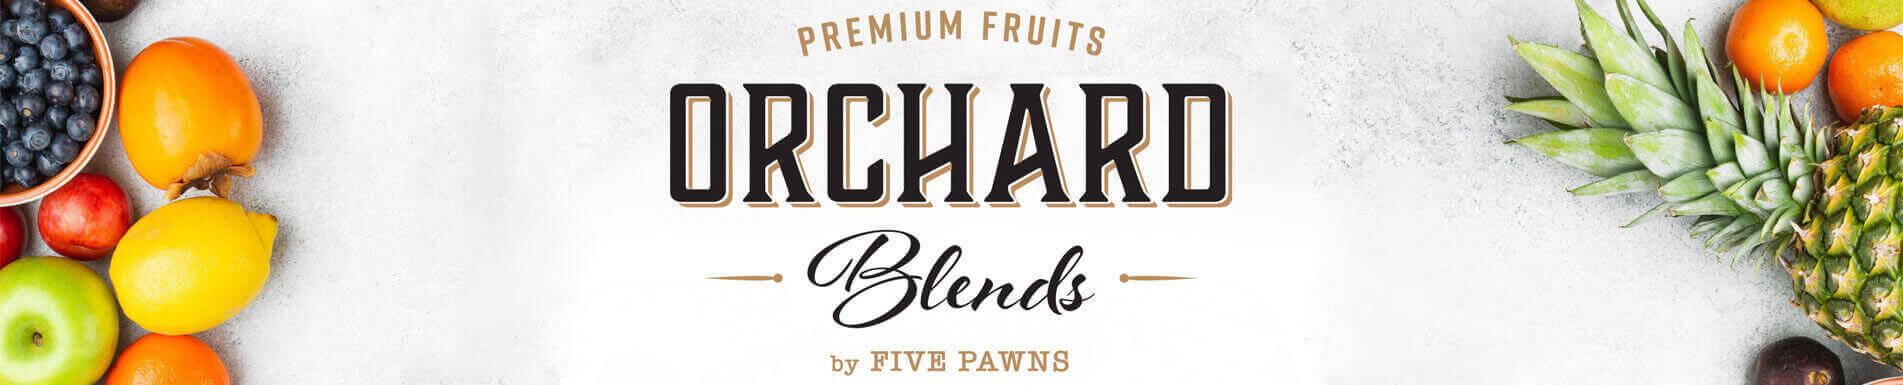 E-liquides Orchard Mix'n'Vape 50 mL par Five Pawns